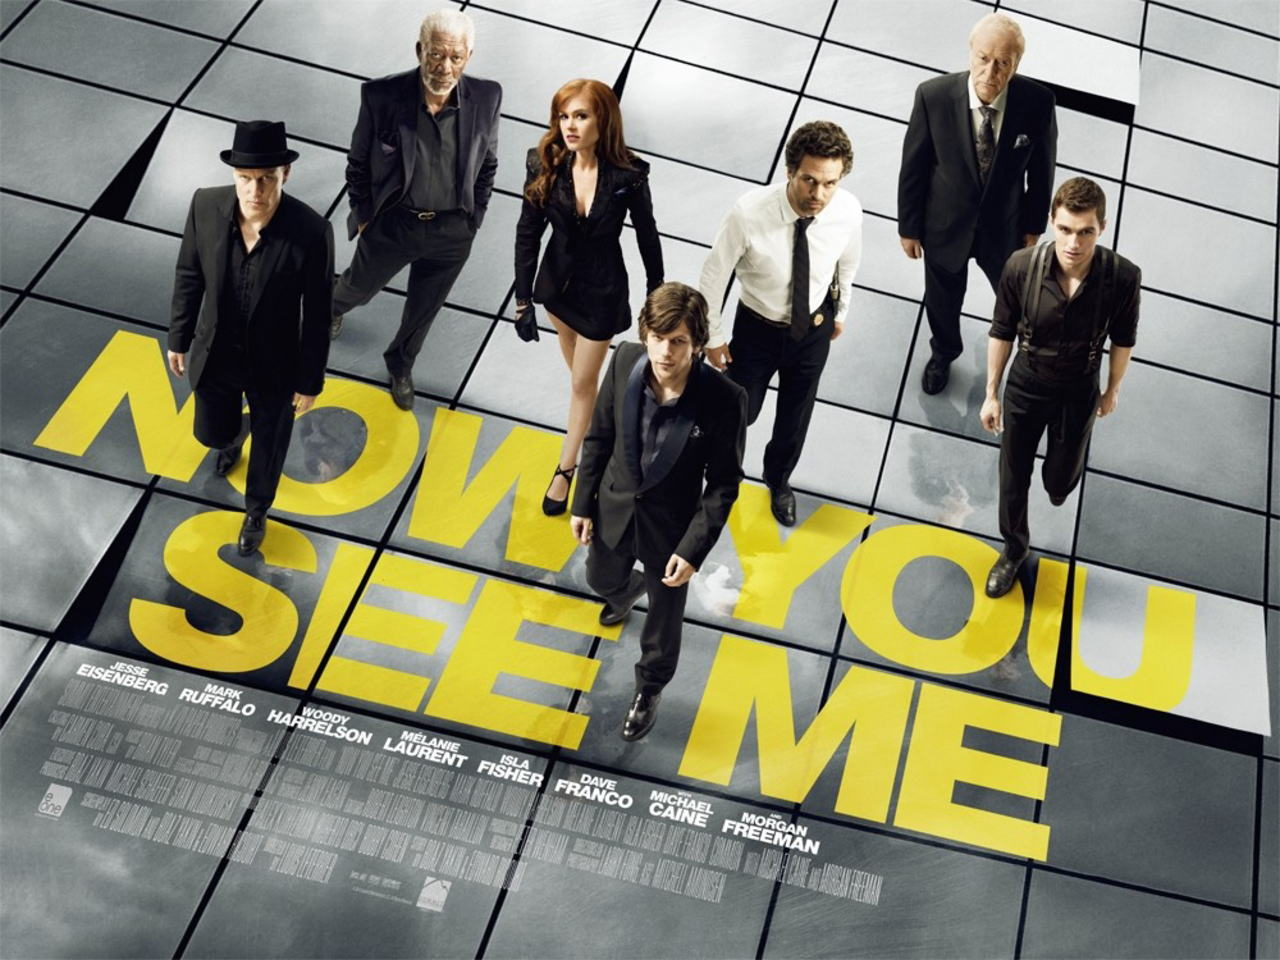 映画『グランド・イリュージョン (2013) NOW YOU SEE ME』ポスター(3) ▼ポスター画像クリックで拡大します。